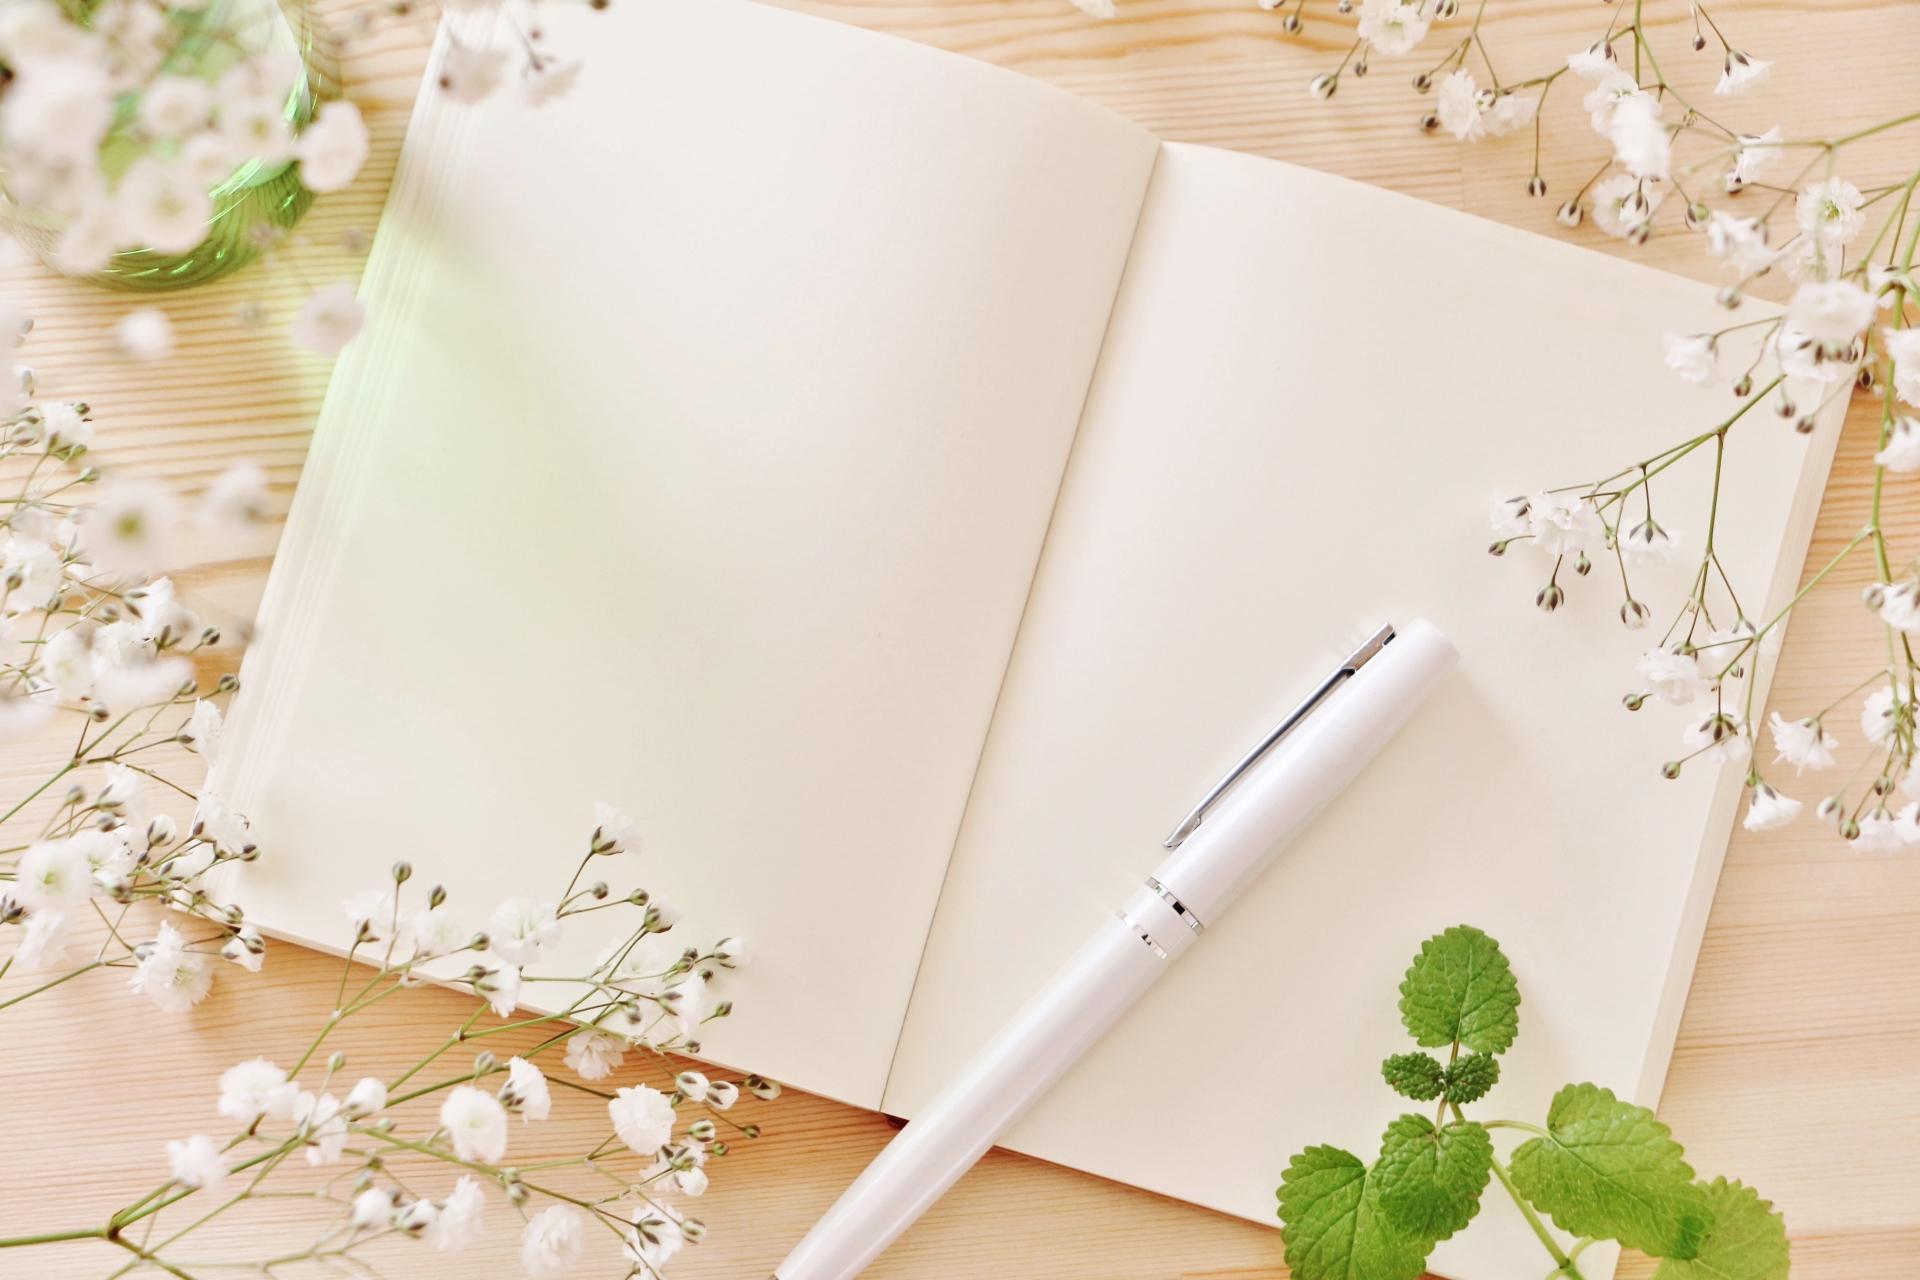 ノートのおすすめ6選&選び方【仕事や勉強用に】